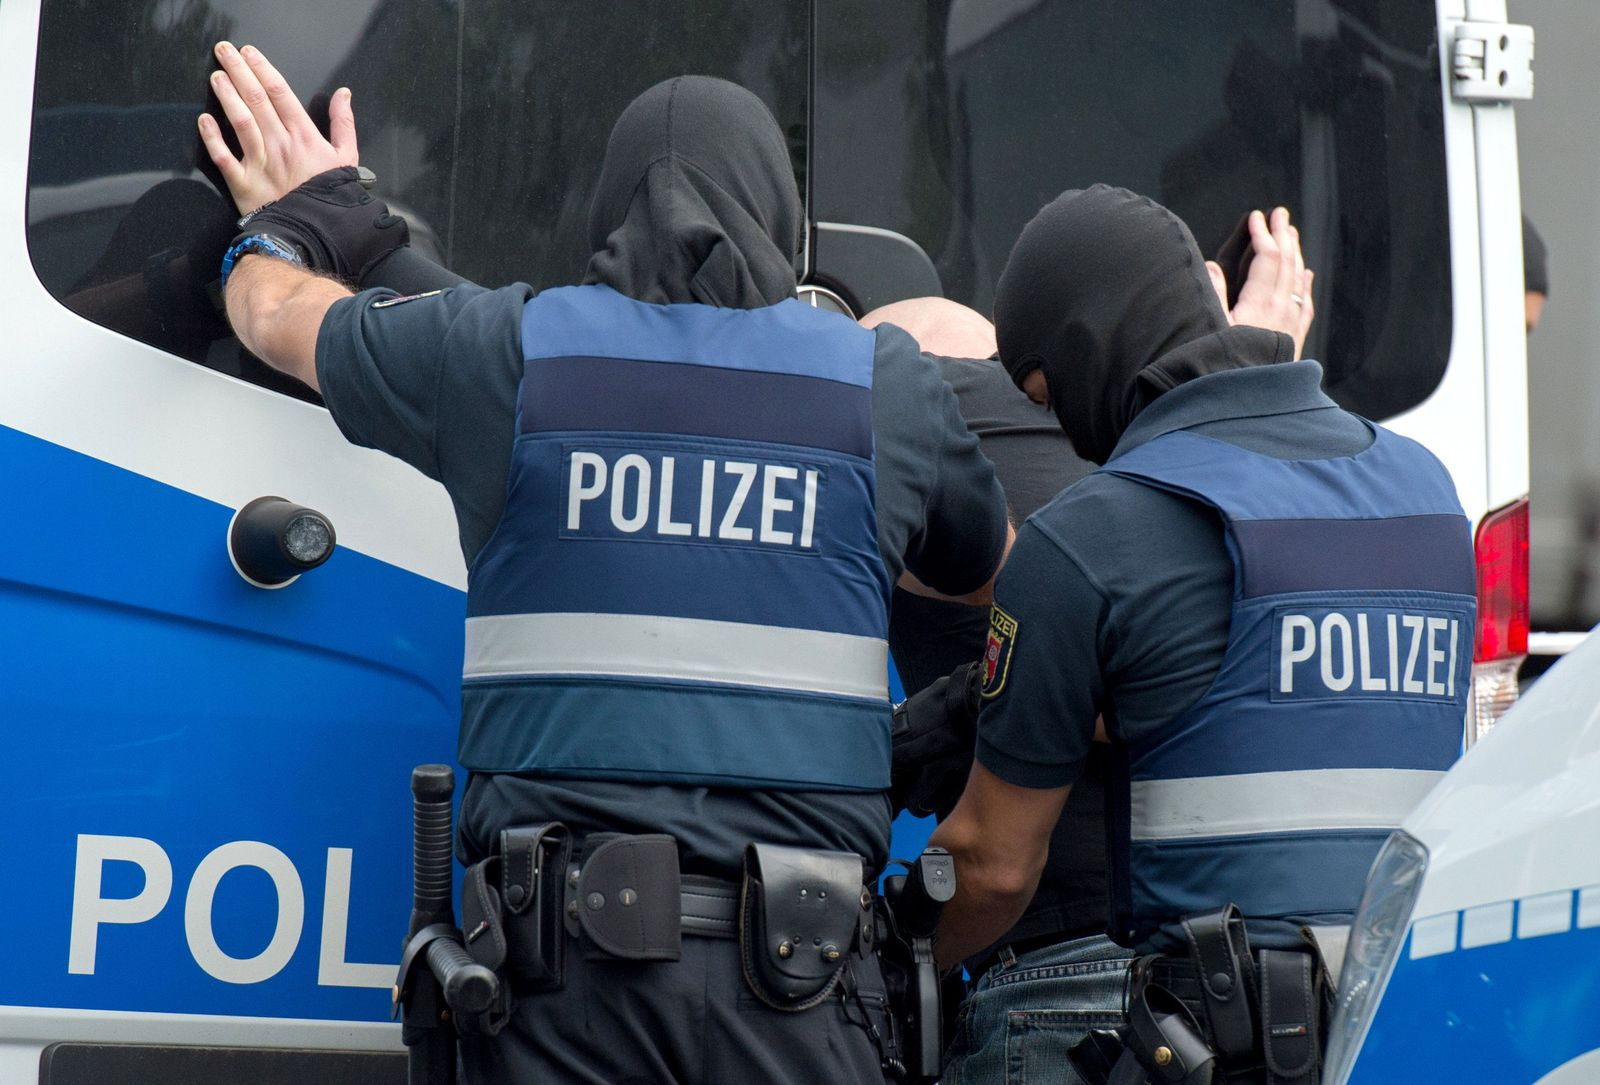 Großrazzia gegen organisierte Kriminalität